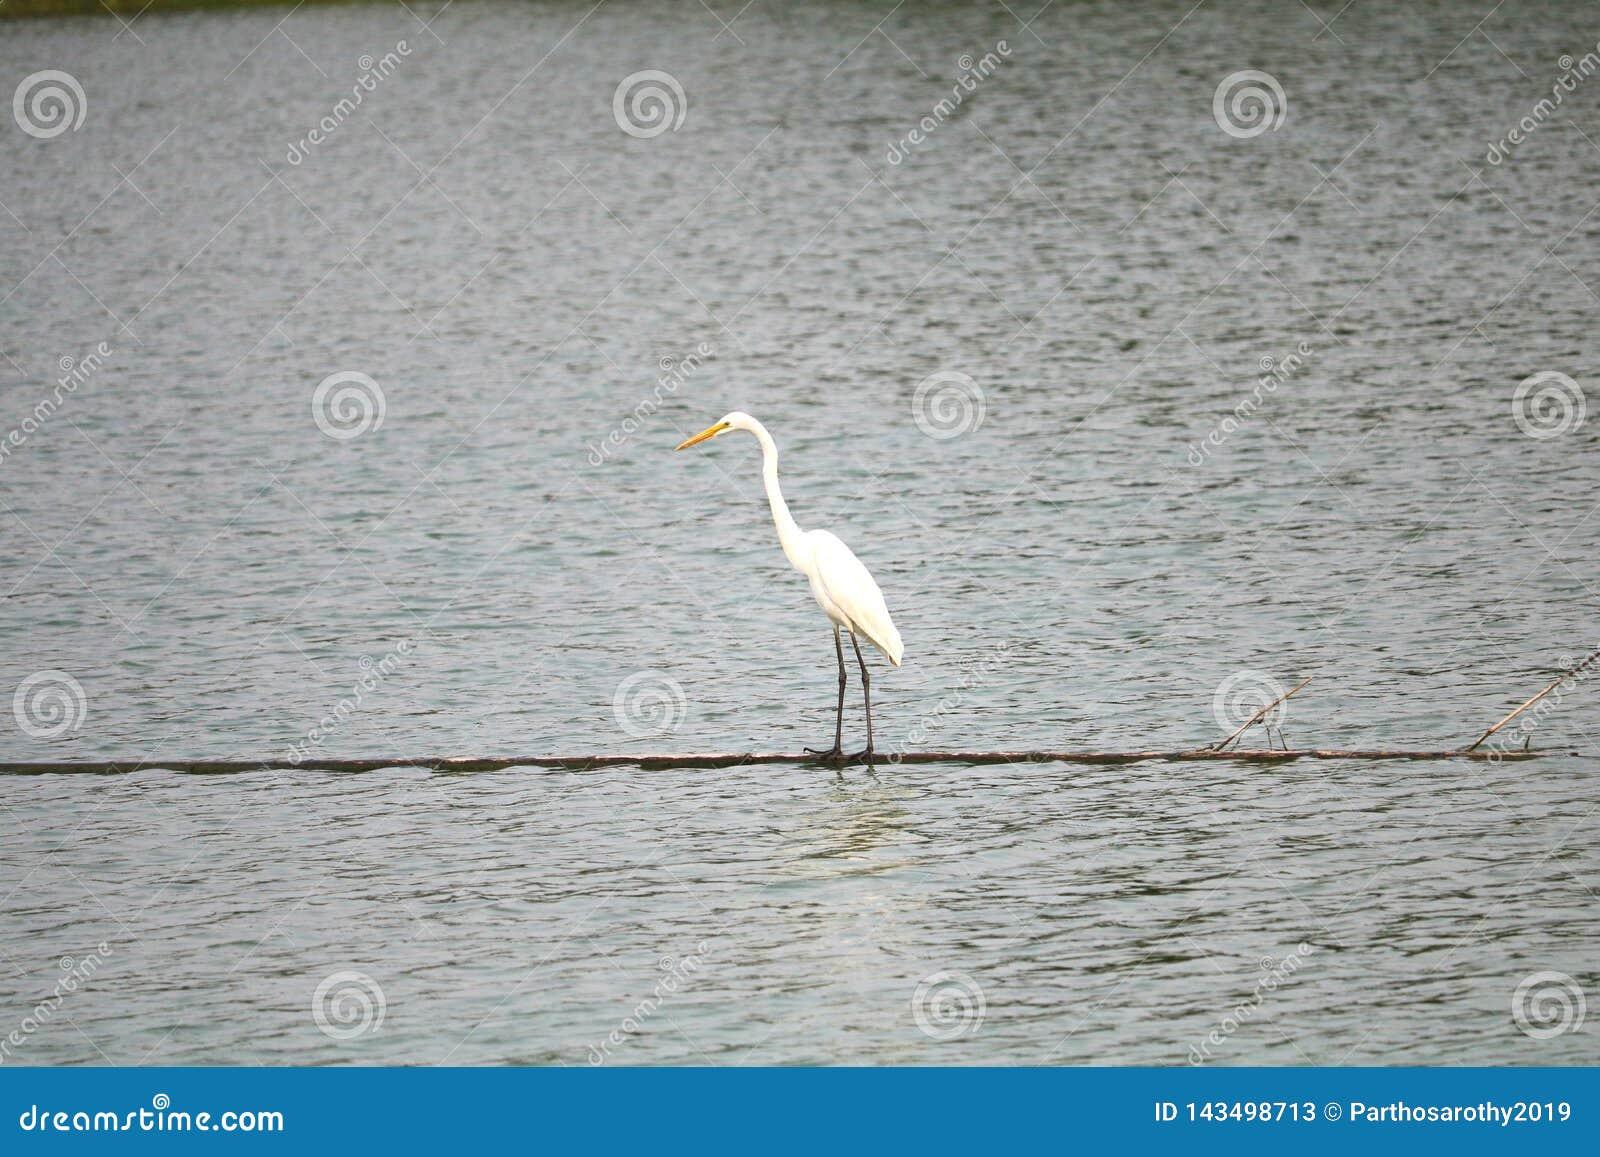 Een witte vogel genoemd aigrette